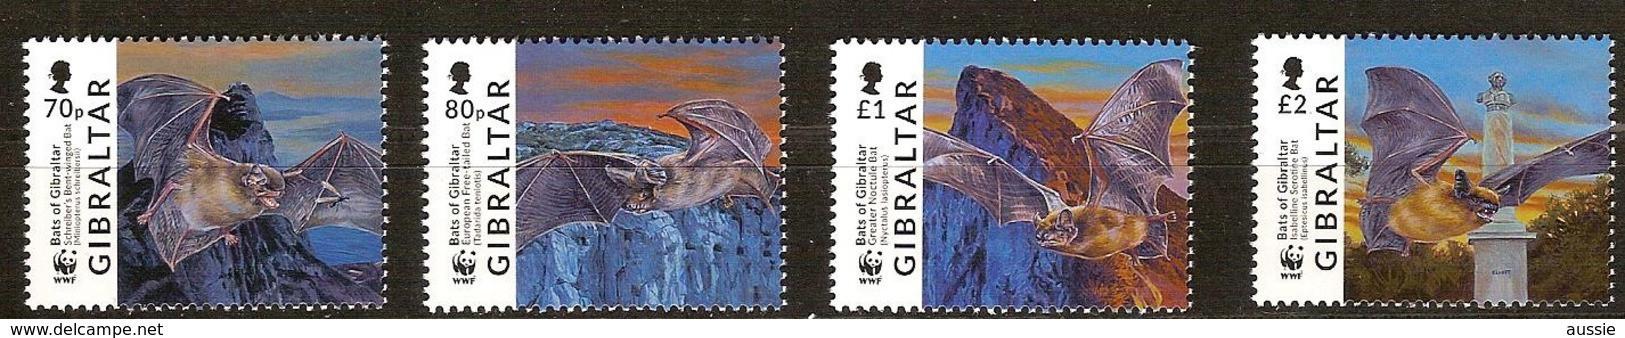 Gibraltar 2017 Micheln° 1832-1835 *** MNH  Faune WWF Bats Vleermuizen - Ungebraucht